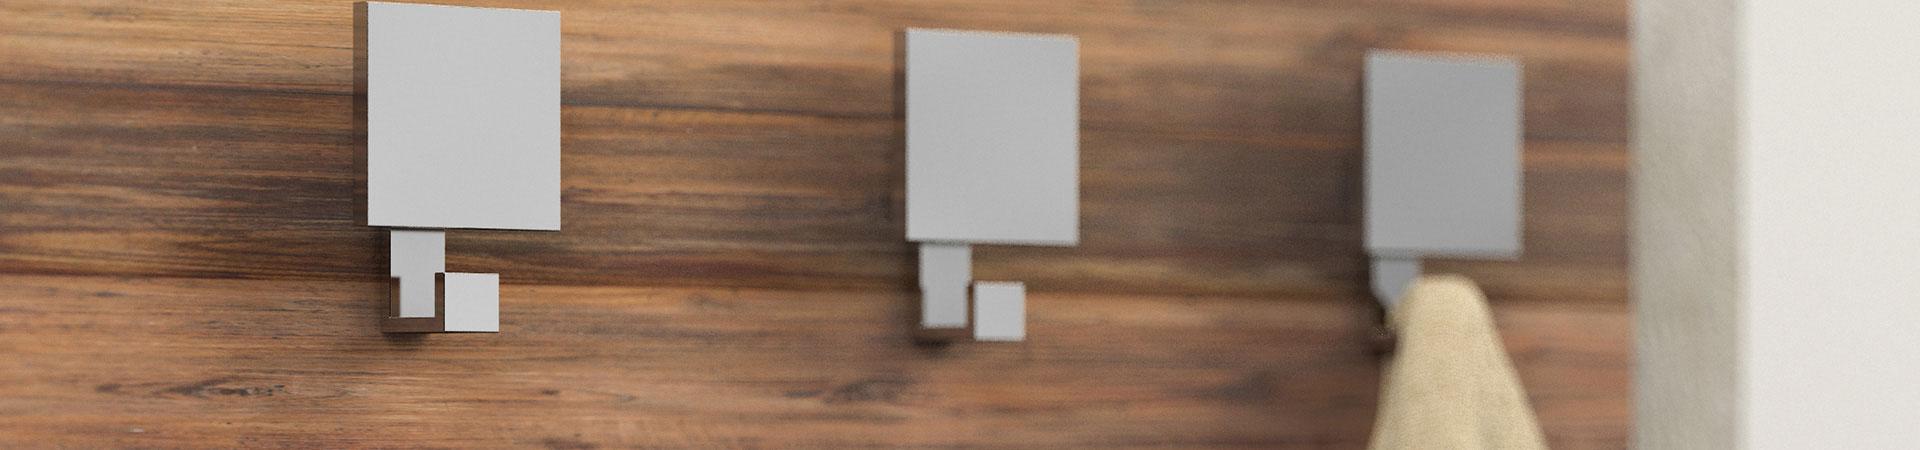 Maniglie pomelli appendiabiti e reggimensola mital maniglie per mobili di design - Appendiabiti da parete design ...